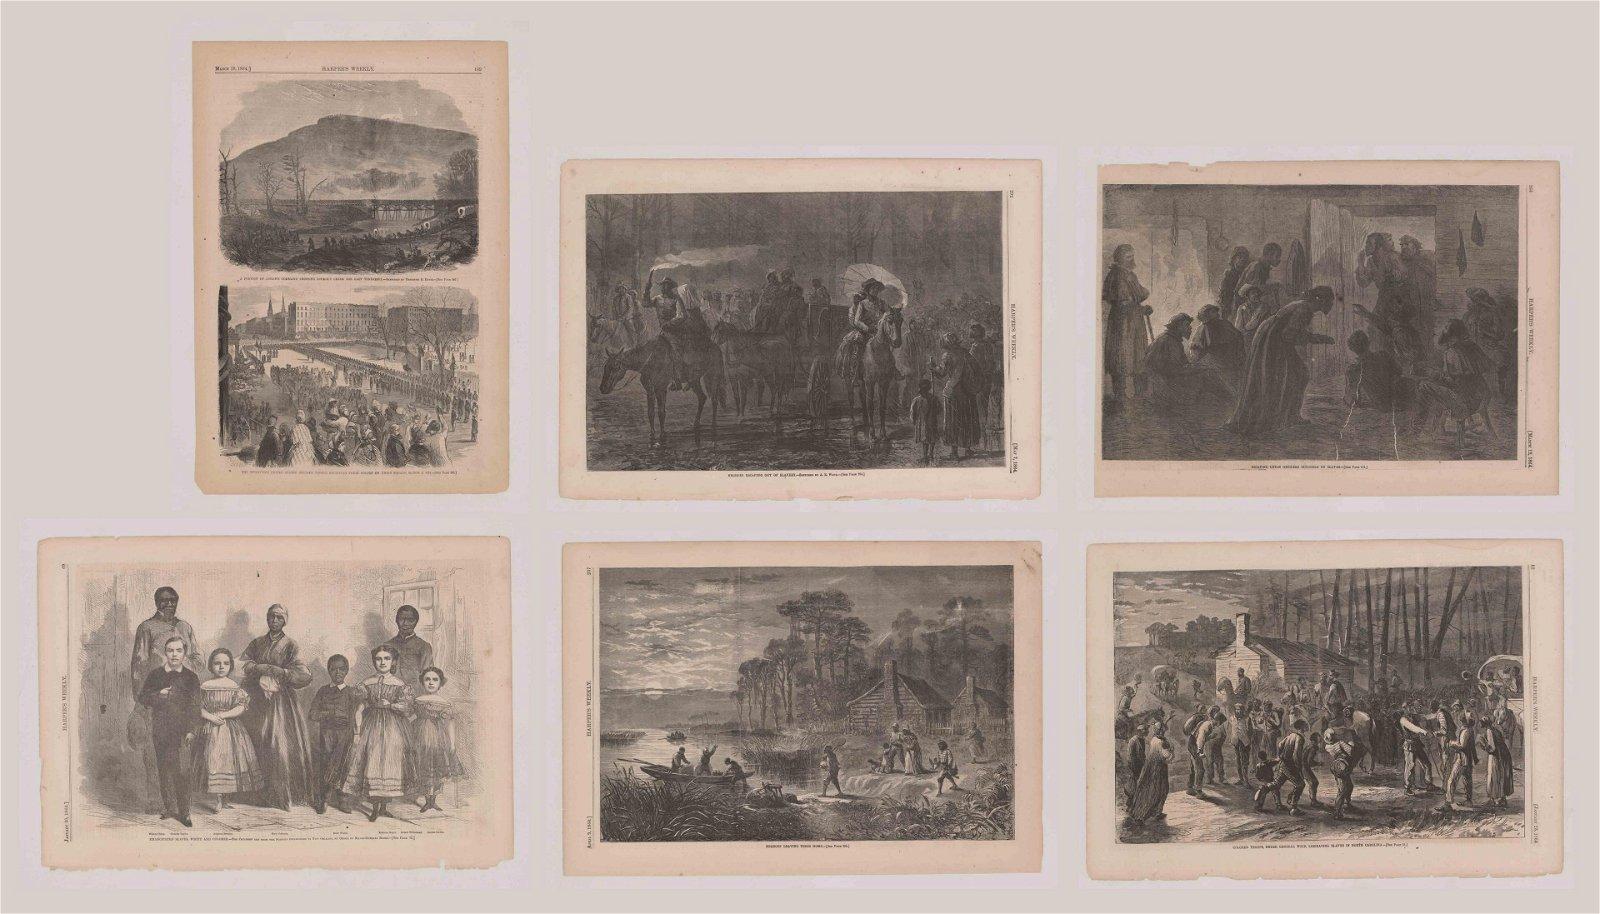 Harper's Weekly Prints [Slaves in the Civil War]